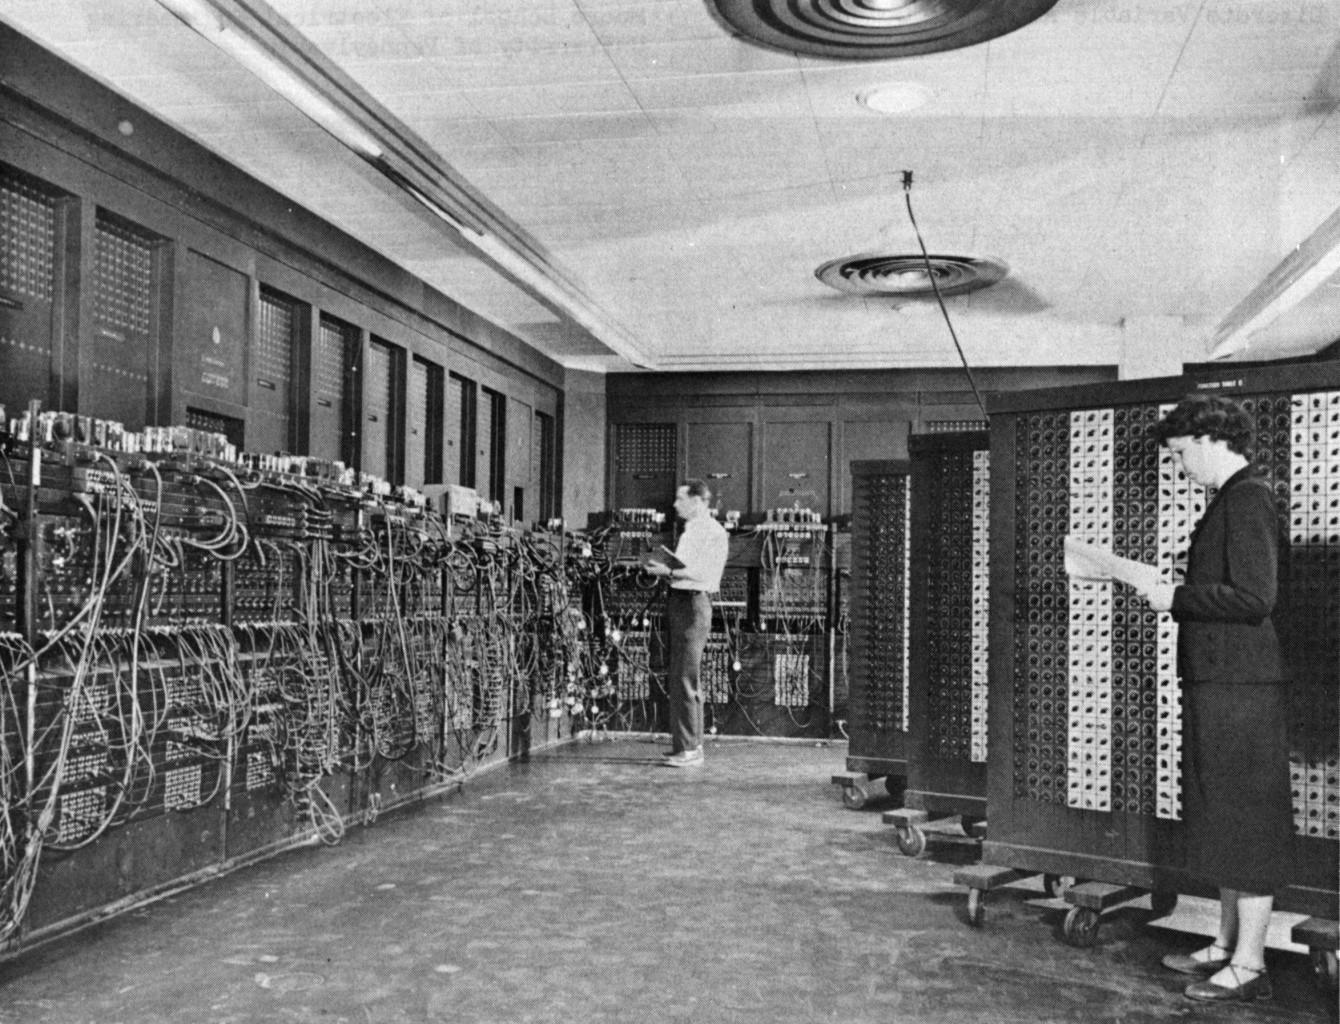 封面圖片來源:https://en.wikipedia.org/wiki/ENIAC#/media/File:Eniac.jpg